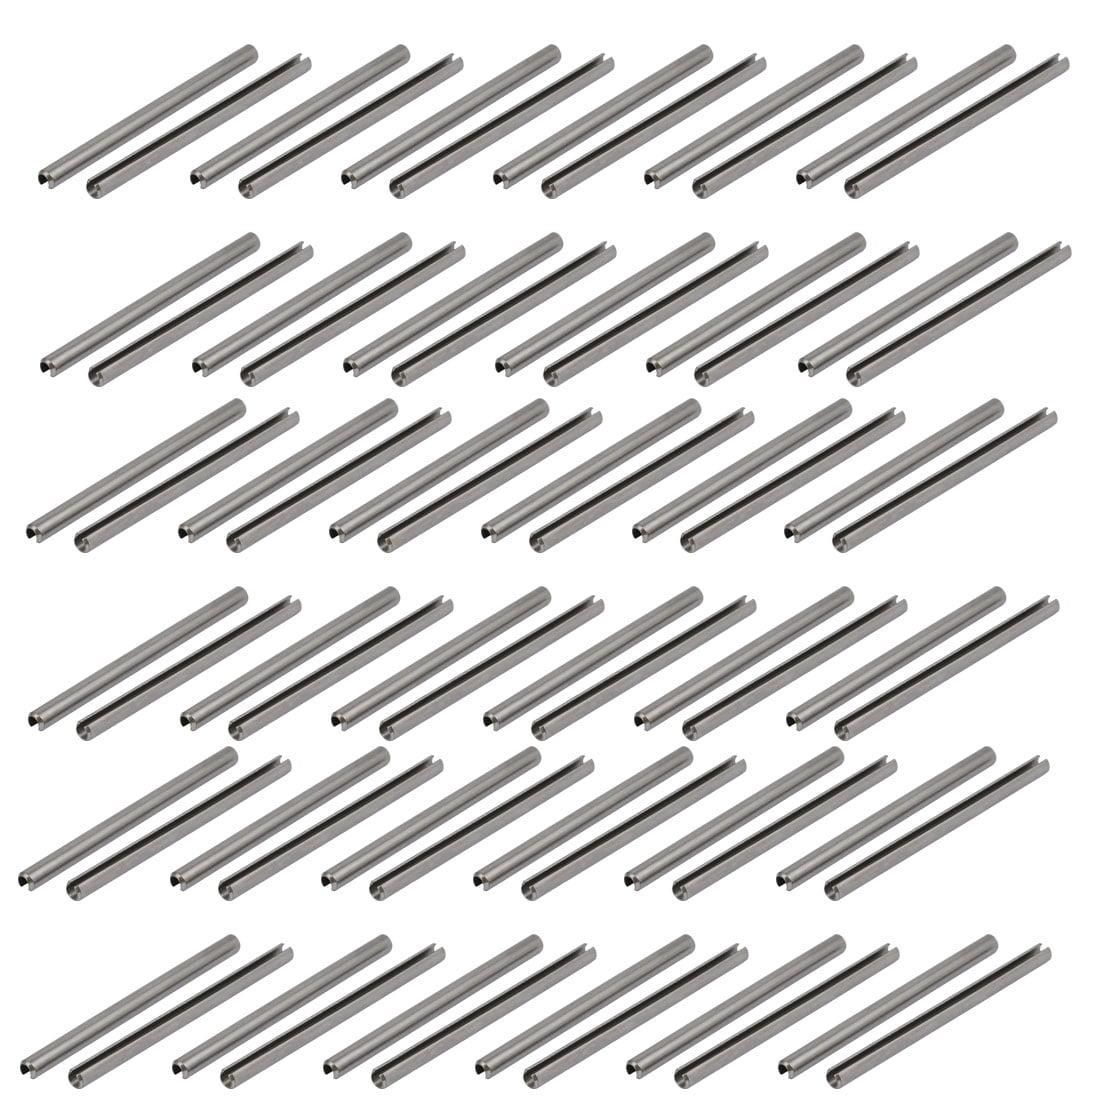 Unique Bargains M3x50mm 304 Stainless Steel Split Spring Dowel Tension Roll Pin 50pcs - image 3 de 3